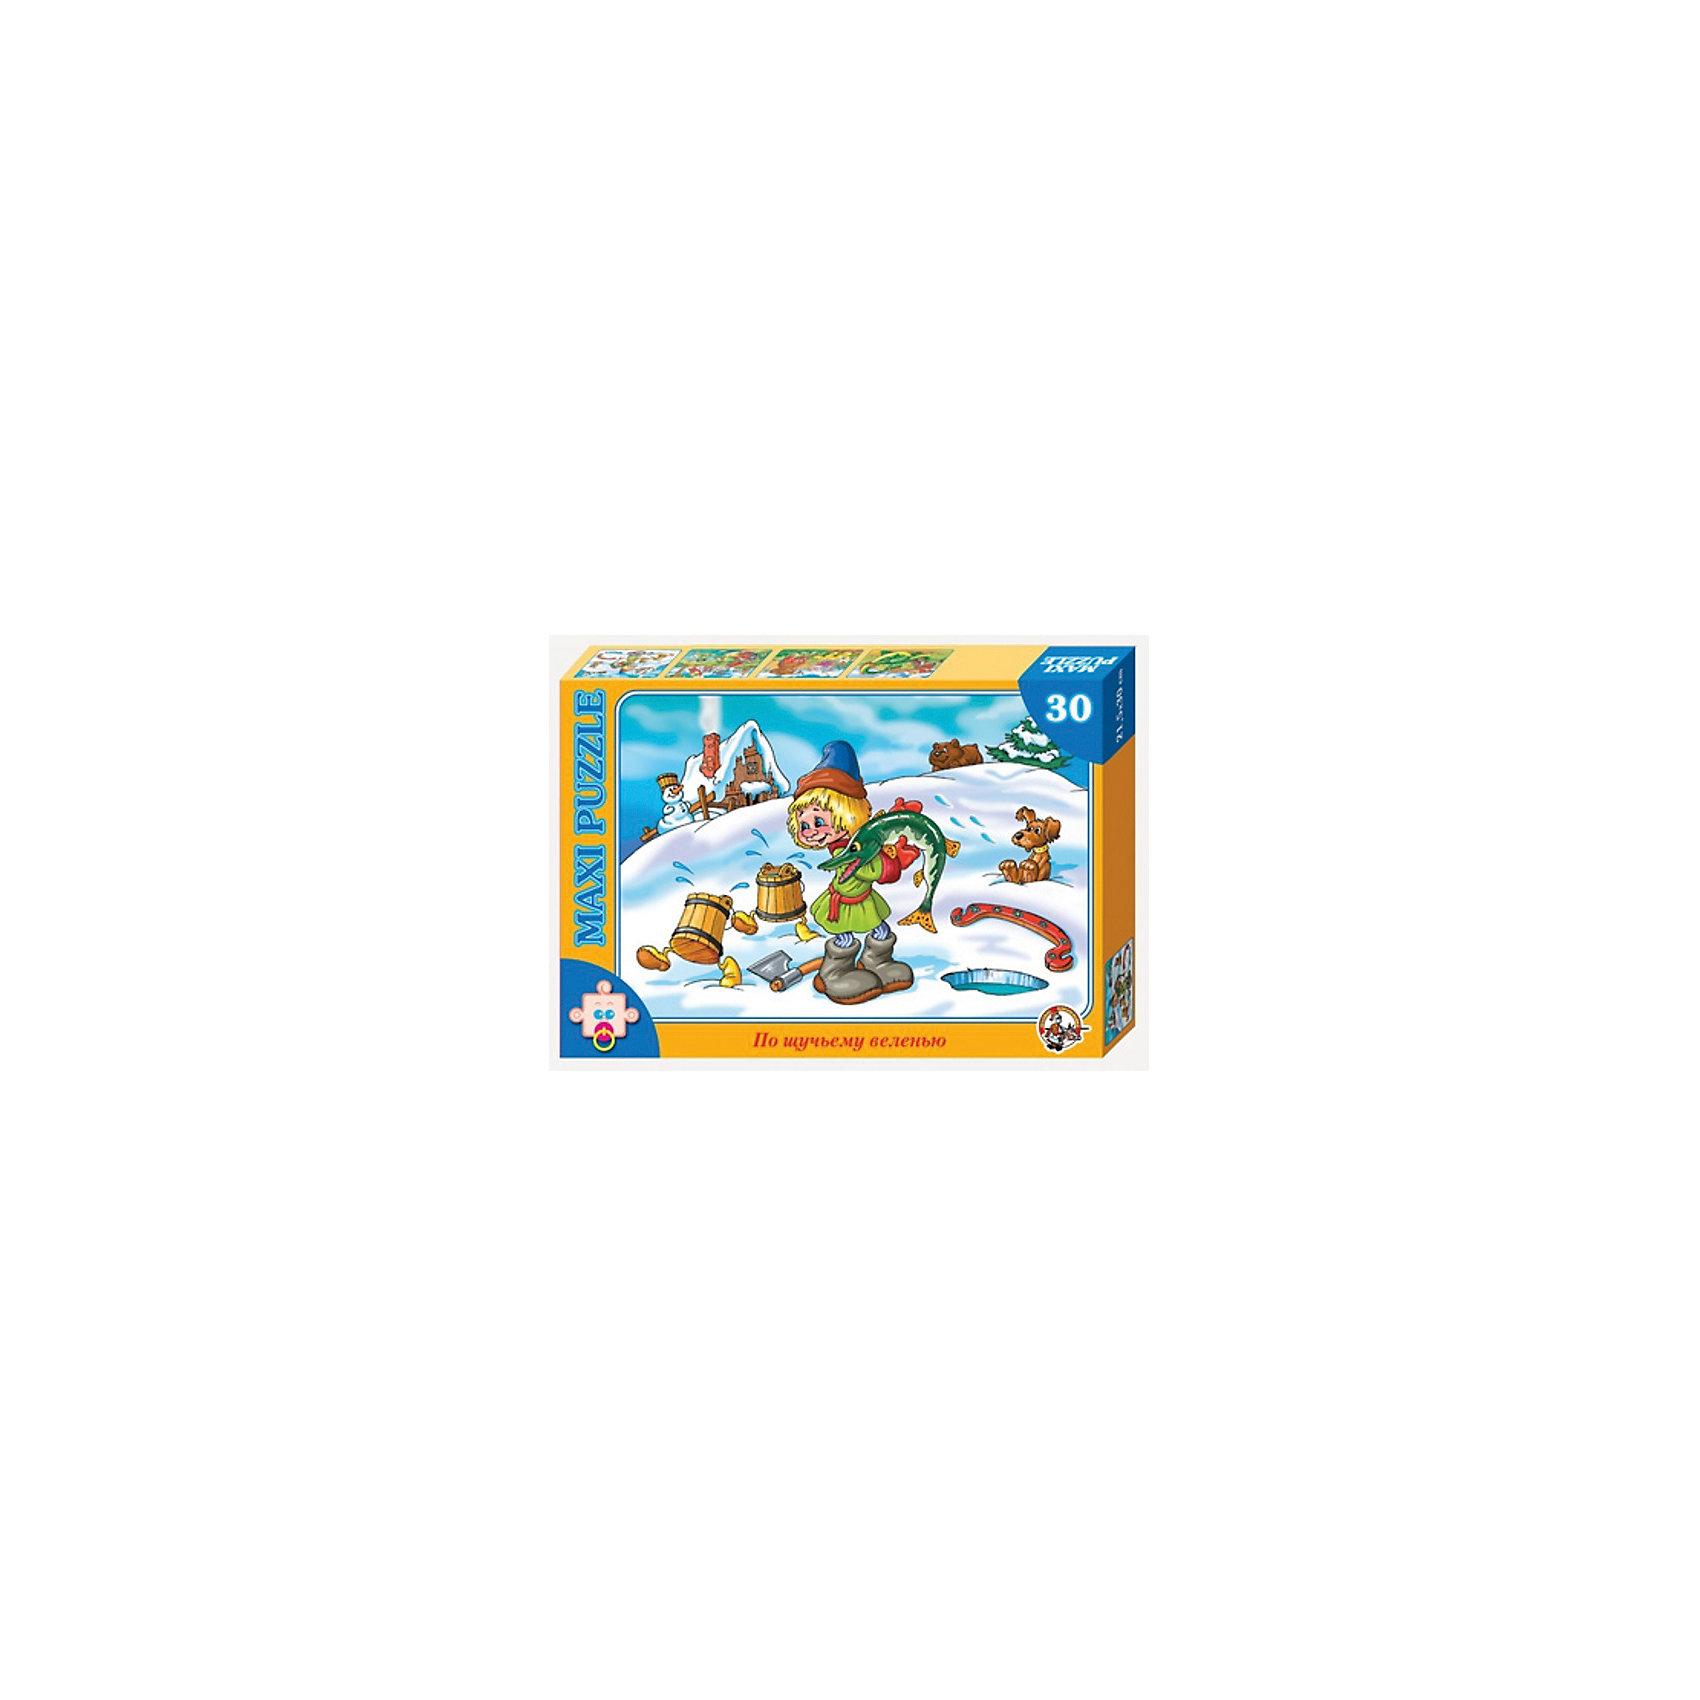 Пазлы макси По щучьему веленью, 30 деталей, Десятое королевствоПазлы для малышей<br>Пазлы макси По щучьему веленью, 30 деталей, Десятое королевство<br><br>Характеристики: <br><br>• Возраст: от 3 лет<br>• Материал: картон<br>• В комплекте: 30 деталей<br>• Размер собранной картинки: 21,5х30 см<br><br>Главный сюжет этого набора - знаменитая русская сказка. Благодаря крупному размеру деталей, в него могут играть малыши от 3 лет. При создании пазла были использованы высококачественные материалы, а потому он полностью безопасен для здоровья детей. Играя с этим набором ребенок сможет развить мелкую моторику, усидчивость, внимательность и логическое мышление.<br><br>Пазлы макси По щучьему веленью, 30 деталей, Десятое королевство можно купить в нашем интернет-магазине.<br><br>Ширина мм: 280<br>Глубина мм: 195<br>Высота мм: 38<br>Вес г: 198<br>Возраст от месяцев: 36<br>Возраст до месяцев: 60<br>Пол: Унисекс<br>Возраст: Детский<br>SKU: 5473788